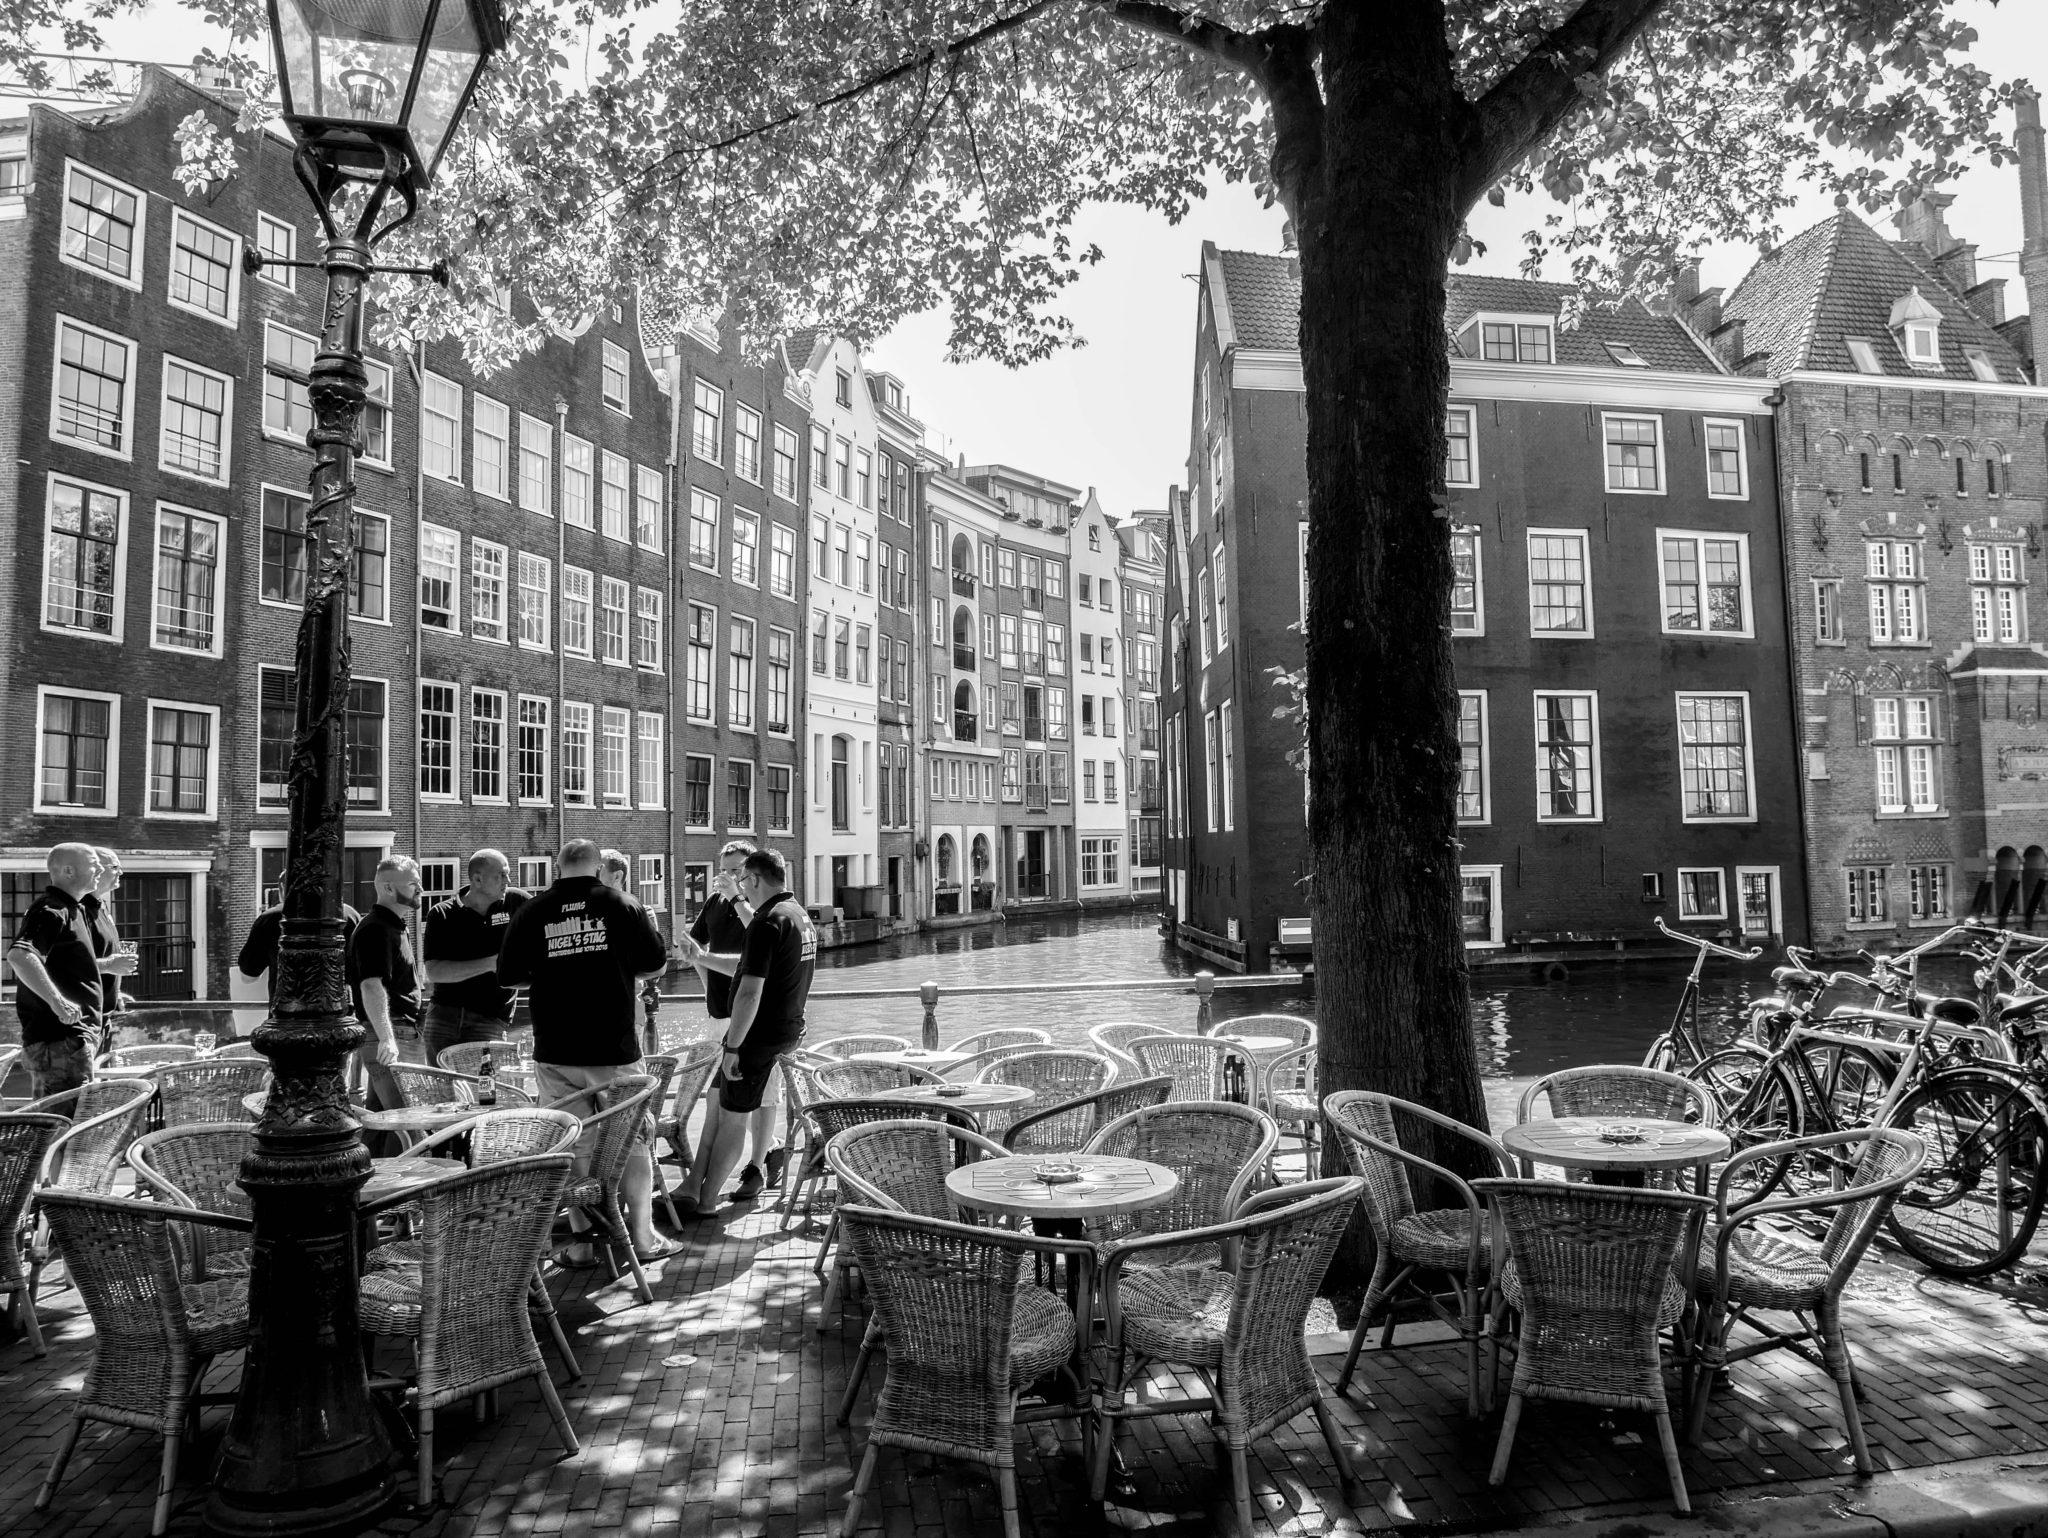 la-petite-planete-de-zoey-amsterdam-86